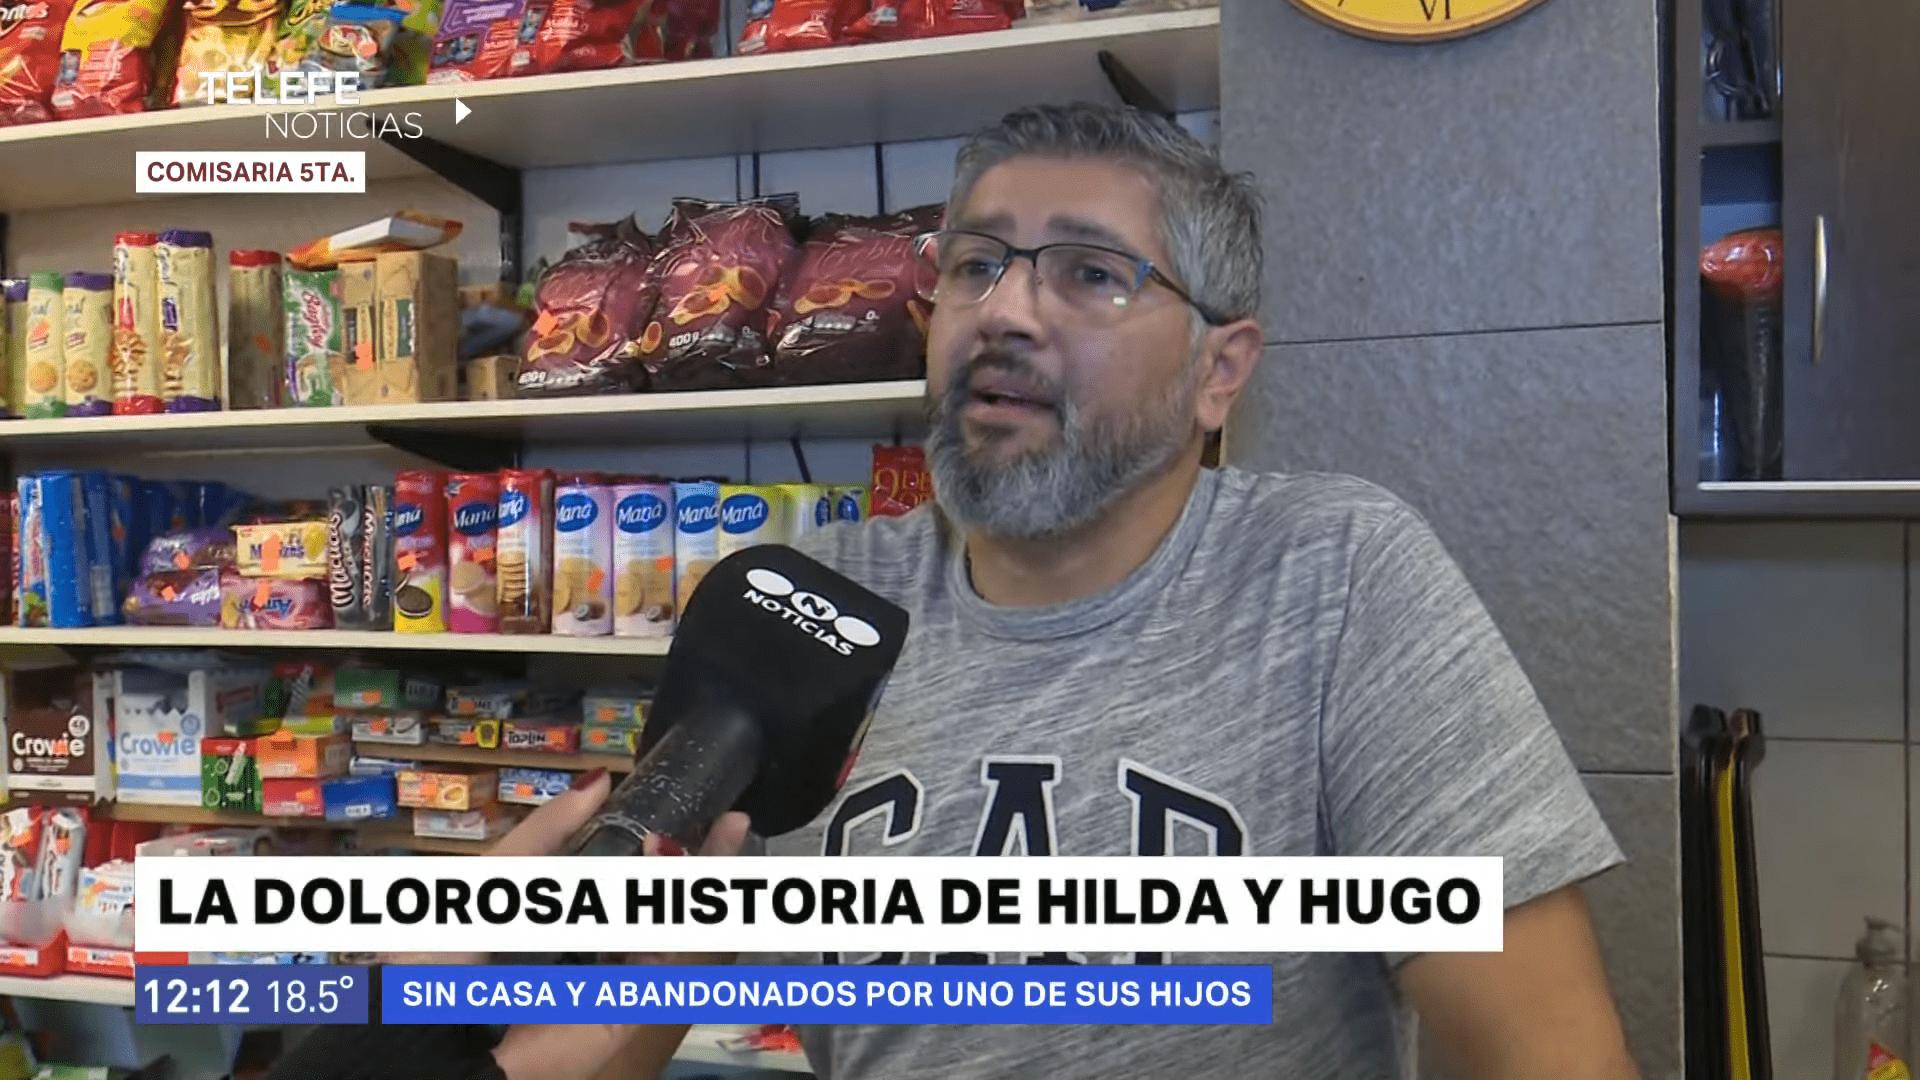 El dueño del bar donde dejaron a Hugo e Hilda habló con los medios │Imagen tomada de: YouTube / Telefe Rosario